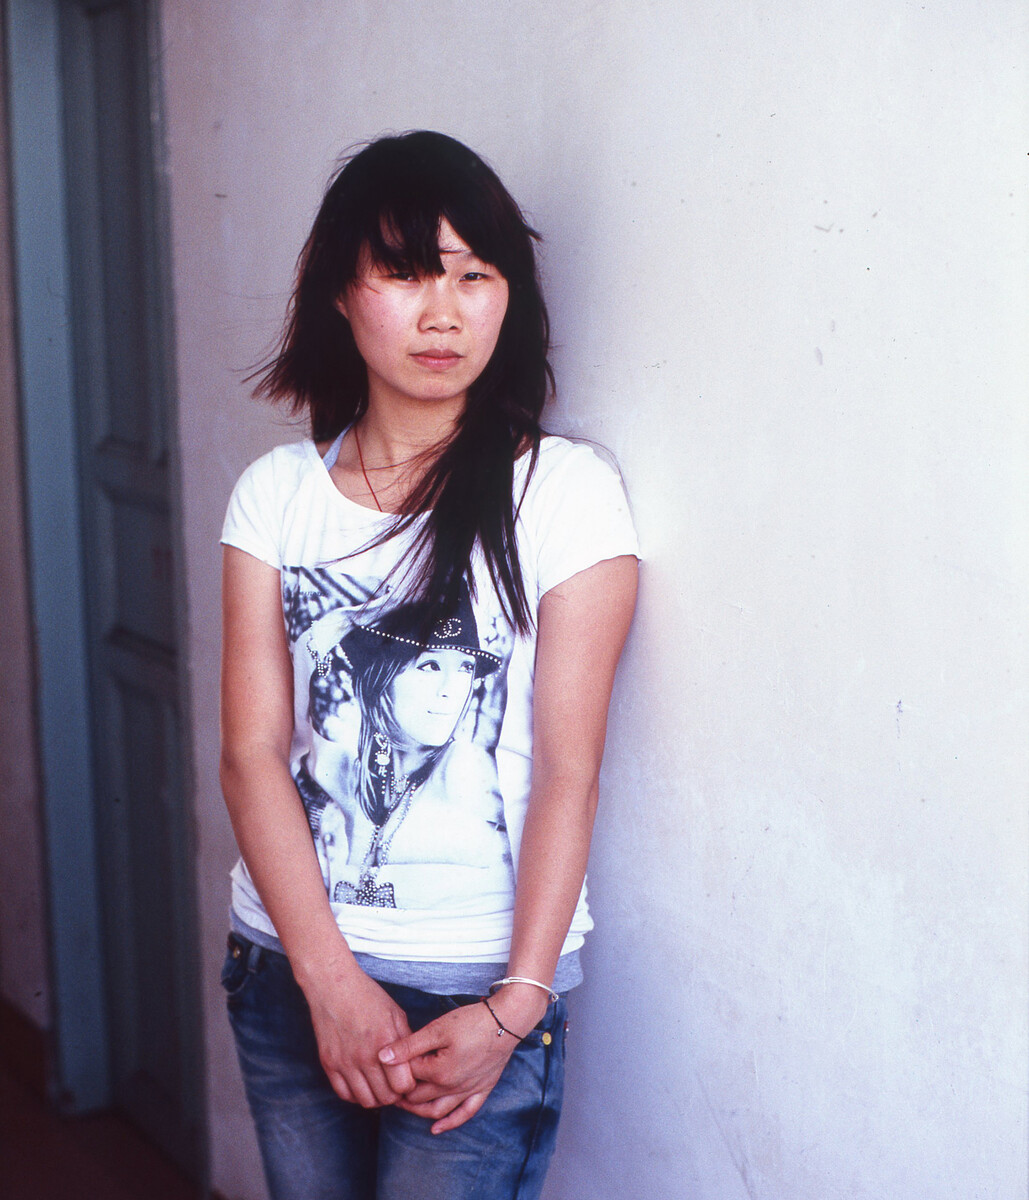 2010年,初中毕业后便去石狮打工的女孩黄玲。